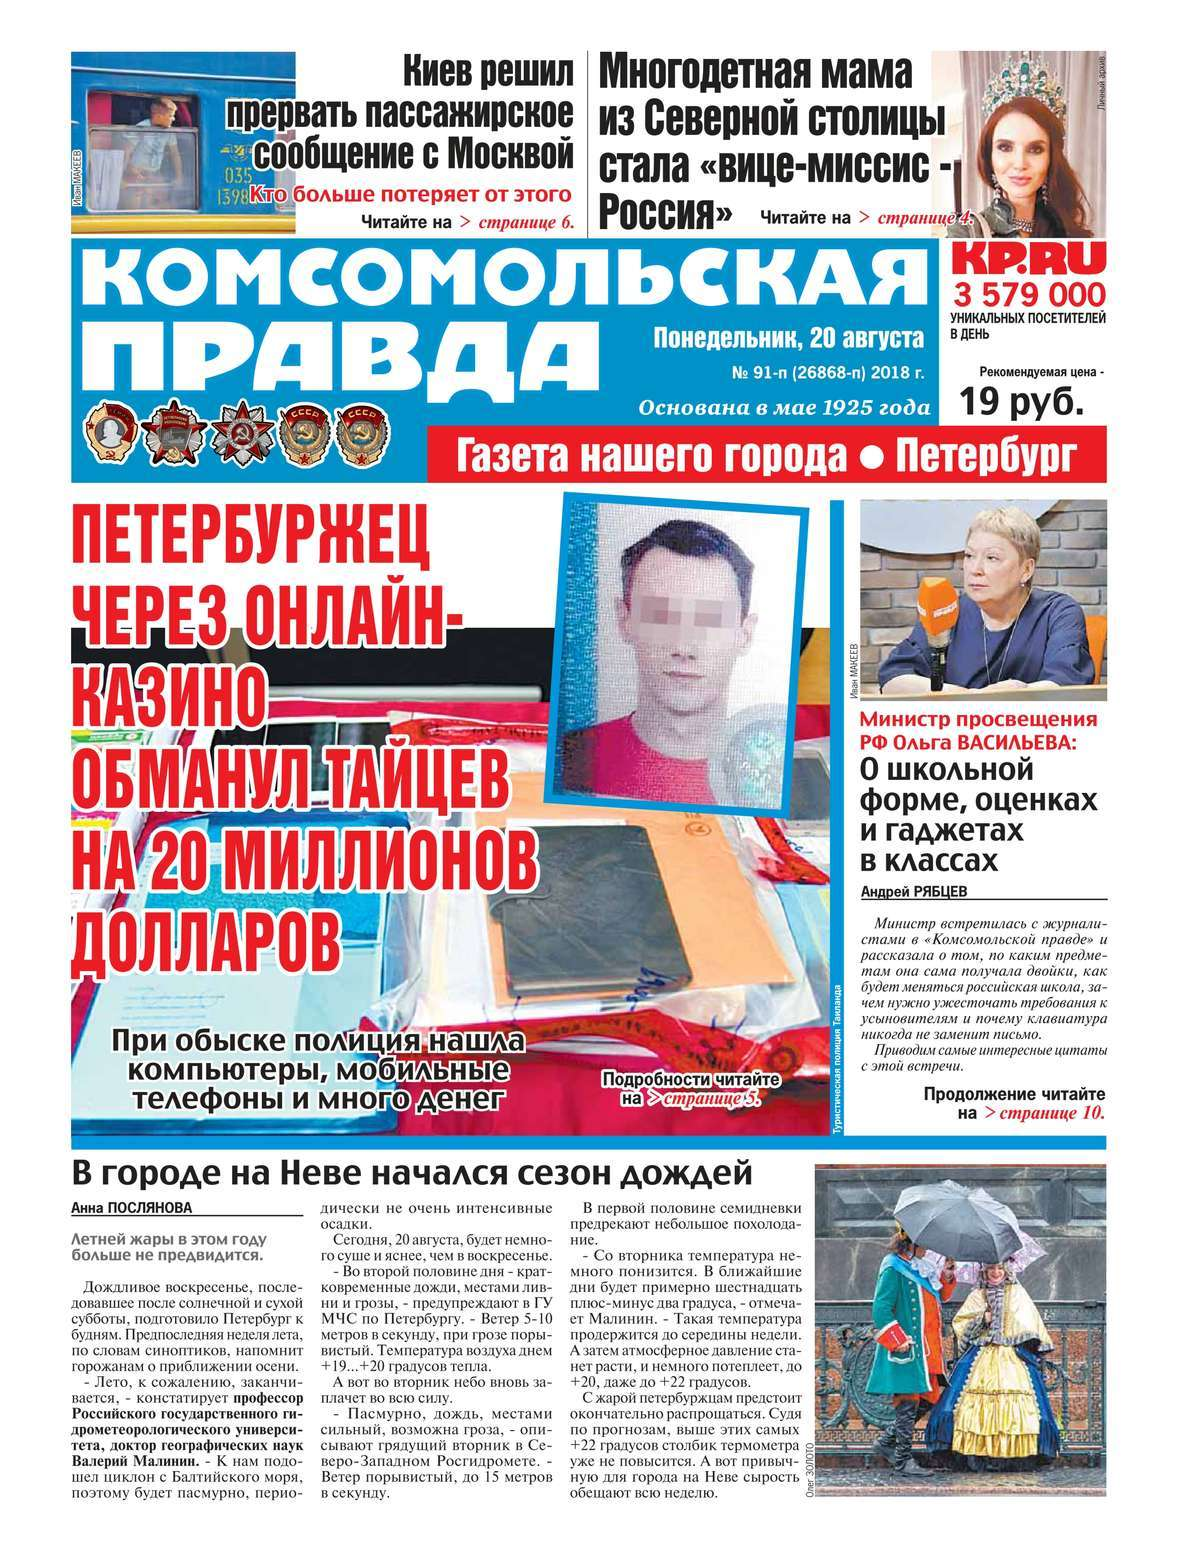 Комсомольская Правда. Санкт-Петербург 91п-2018